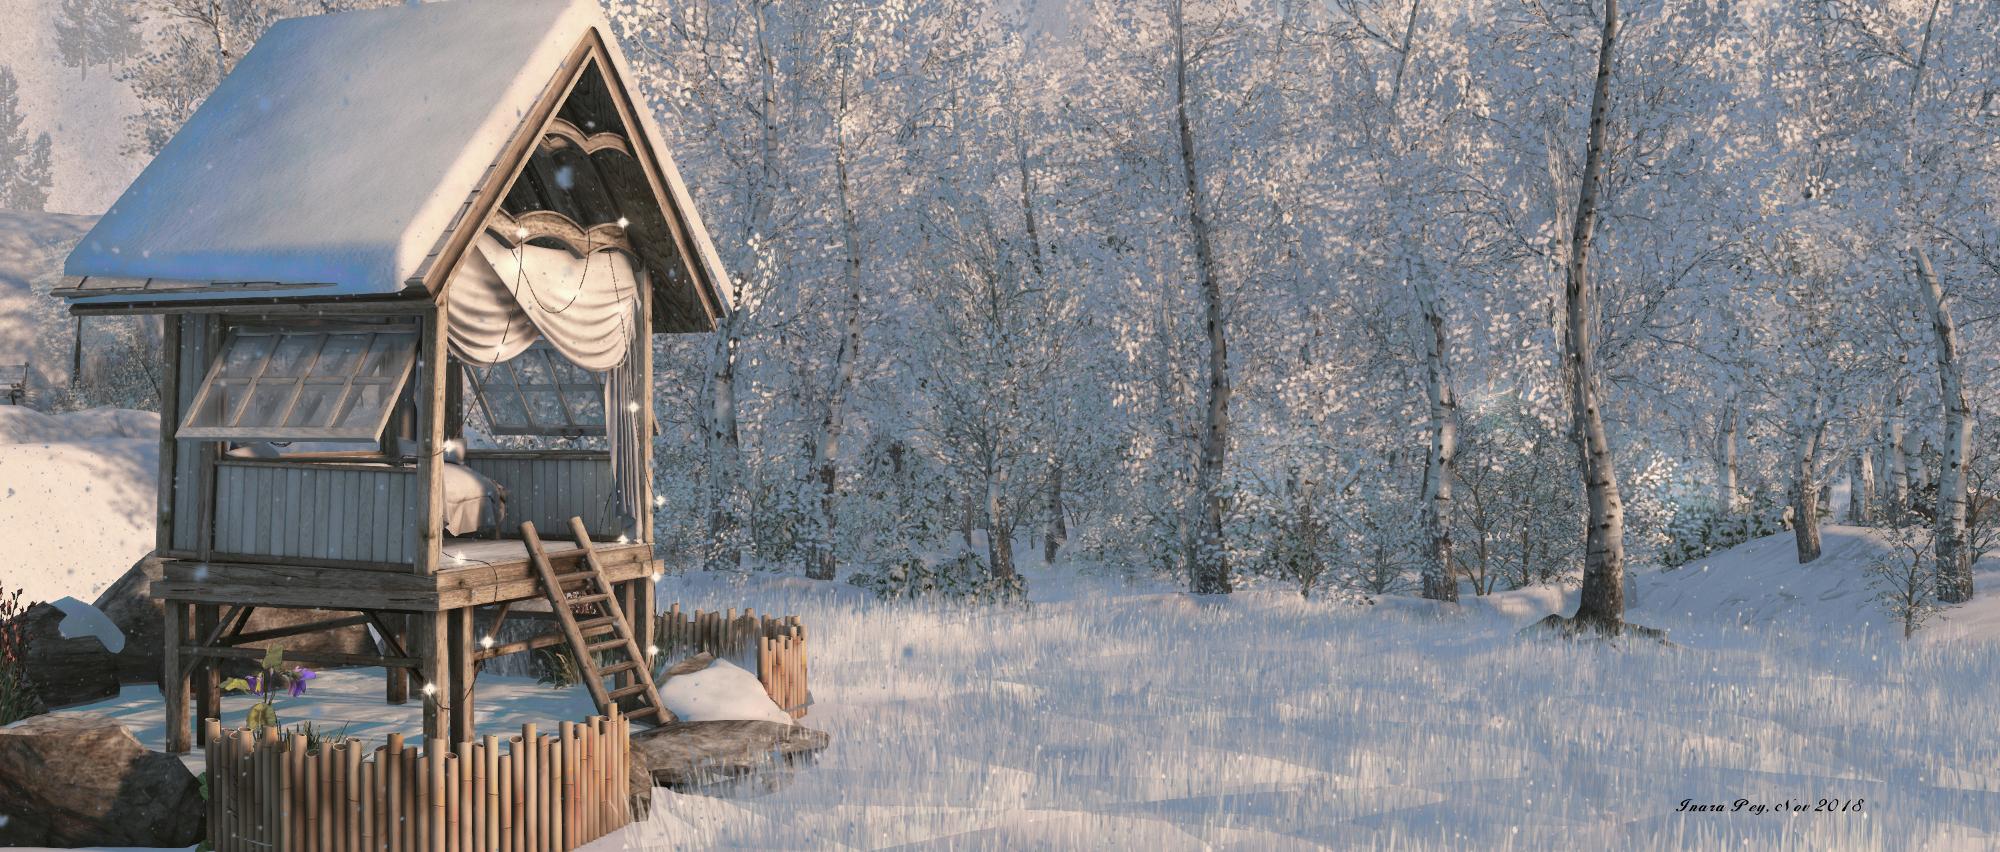 Let It Snow!; Inara Pey, November 2018, on Flickr